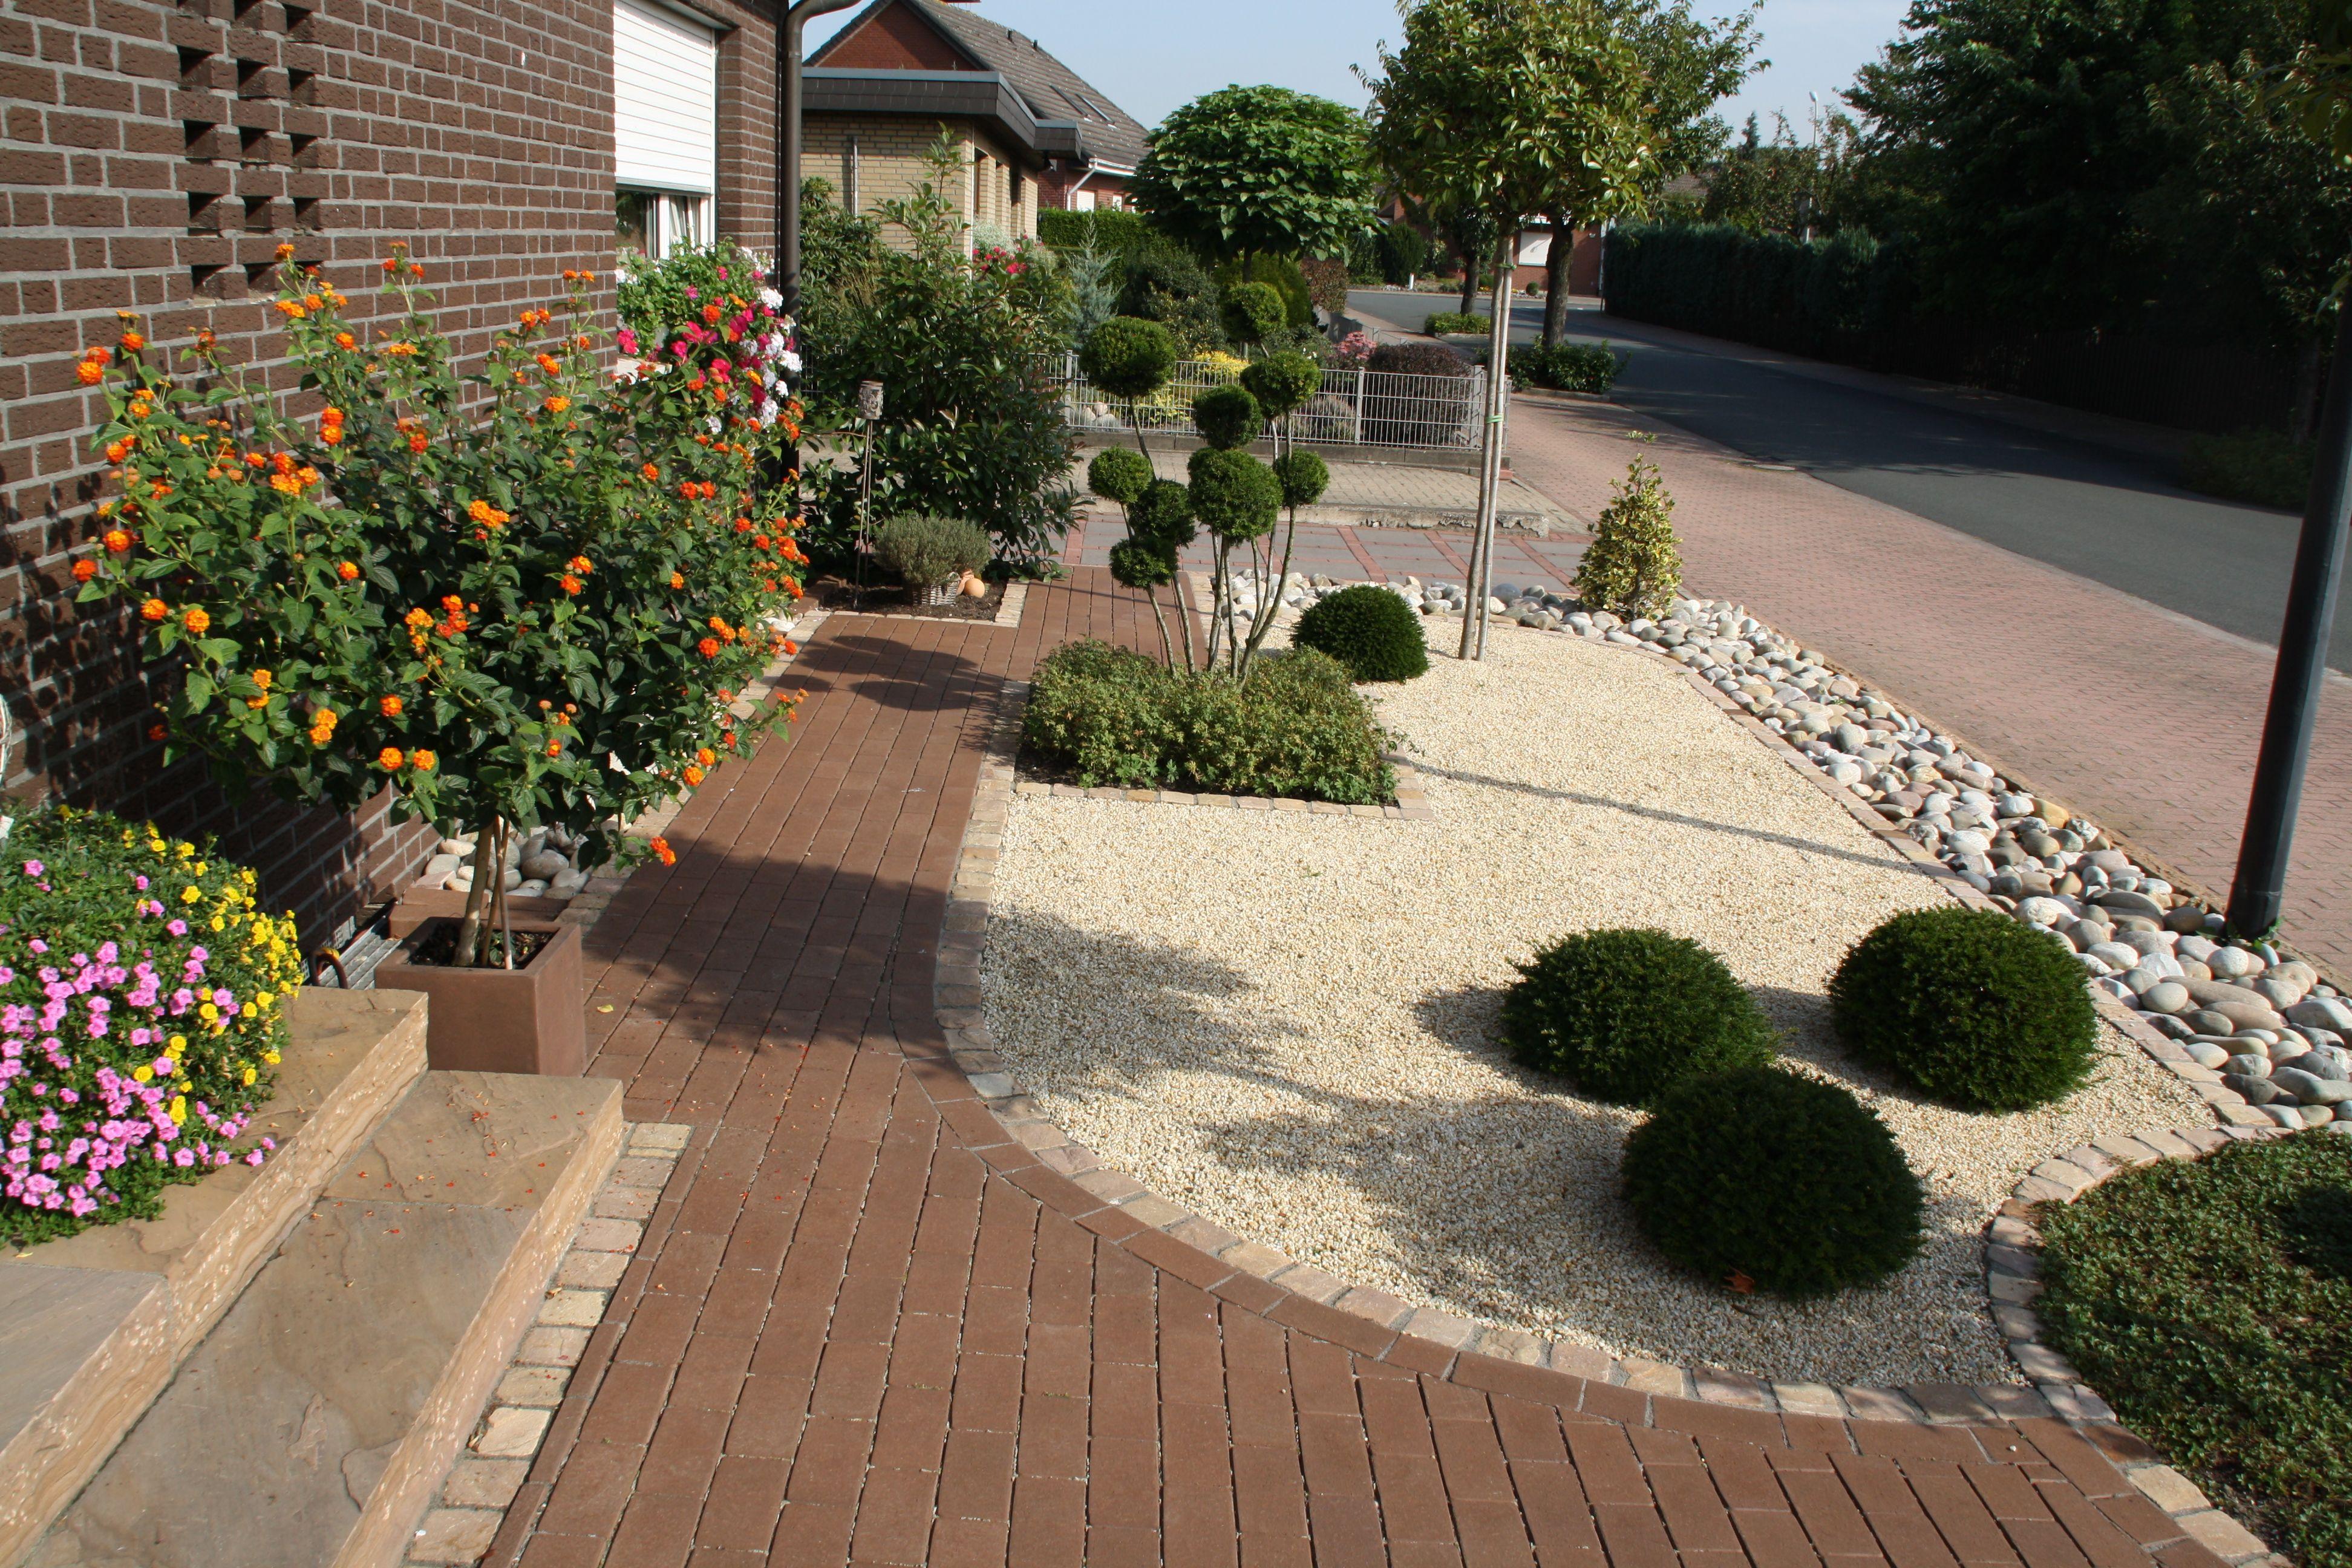 pflegeleichter Vorgarten   Garten, Vorgarten, Garten ideen